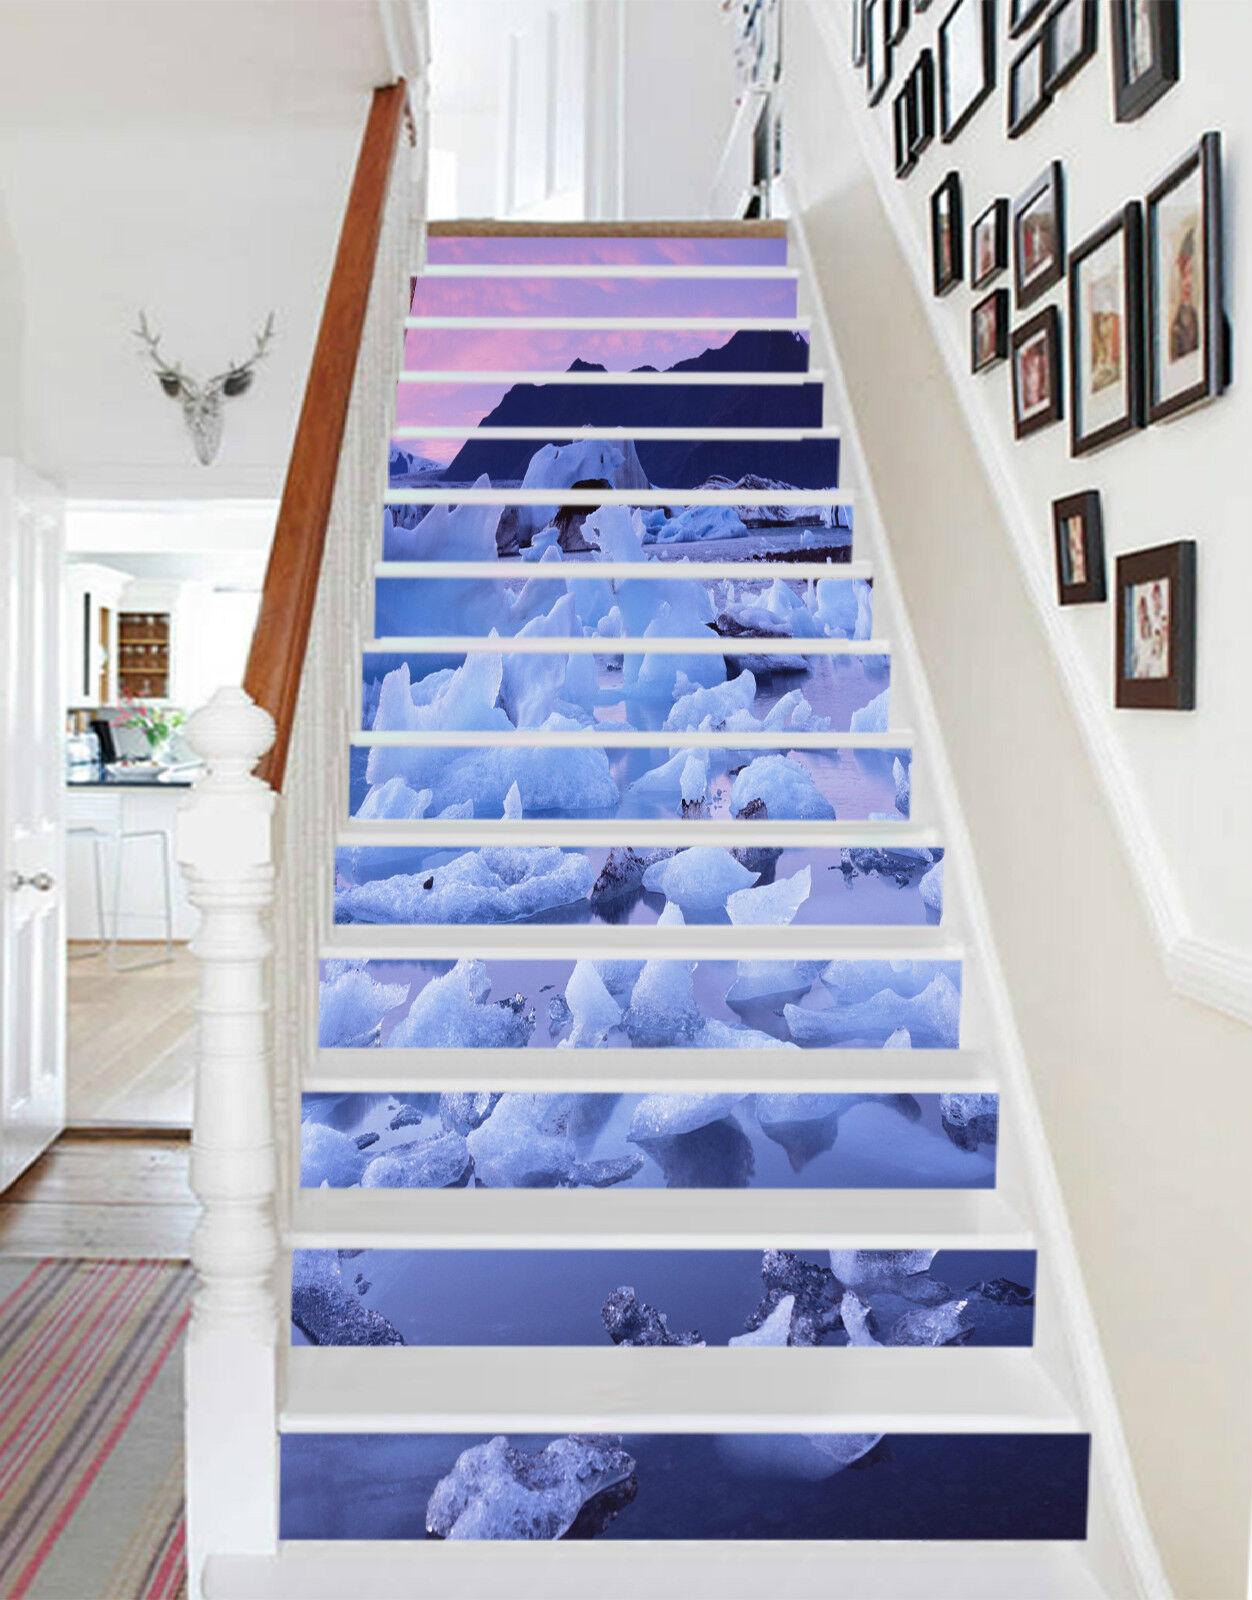 3d meereises 331 Stair Risers Décoration Papier Peint Vinyle Autocollant Papier Peint De